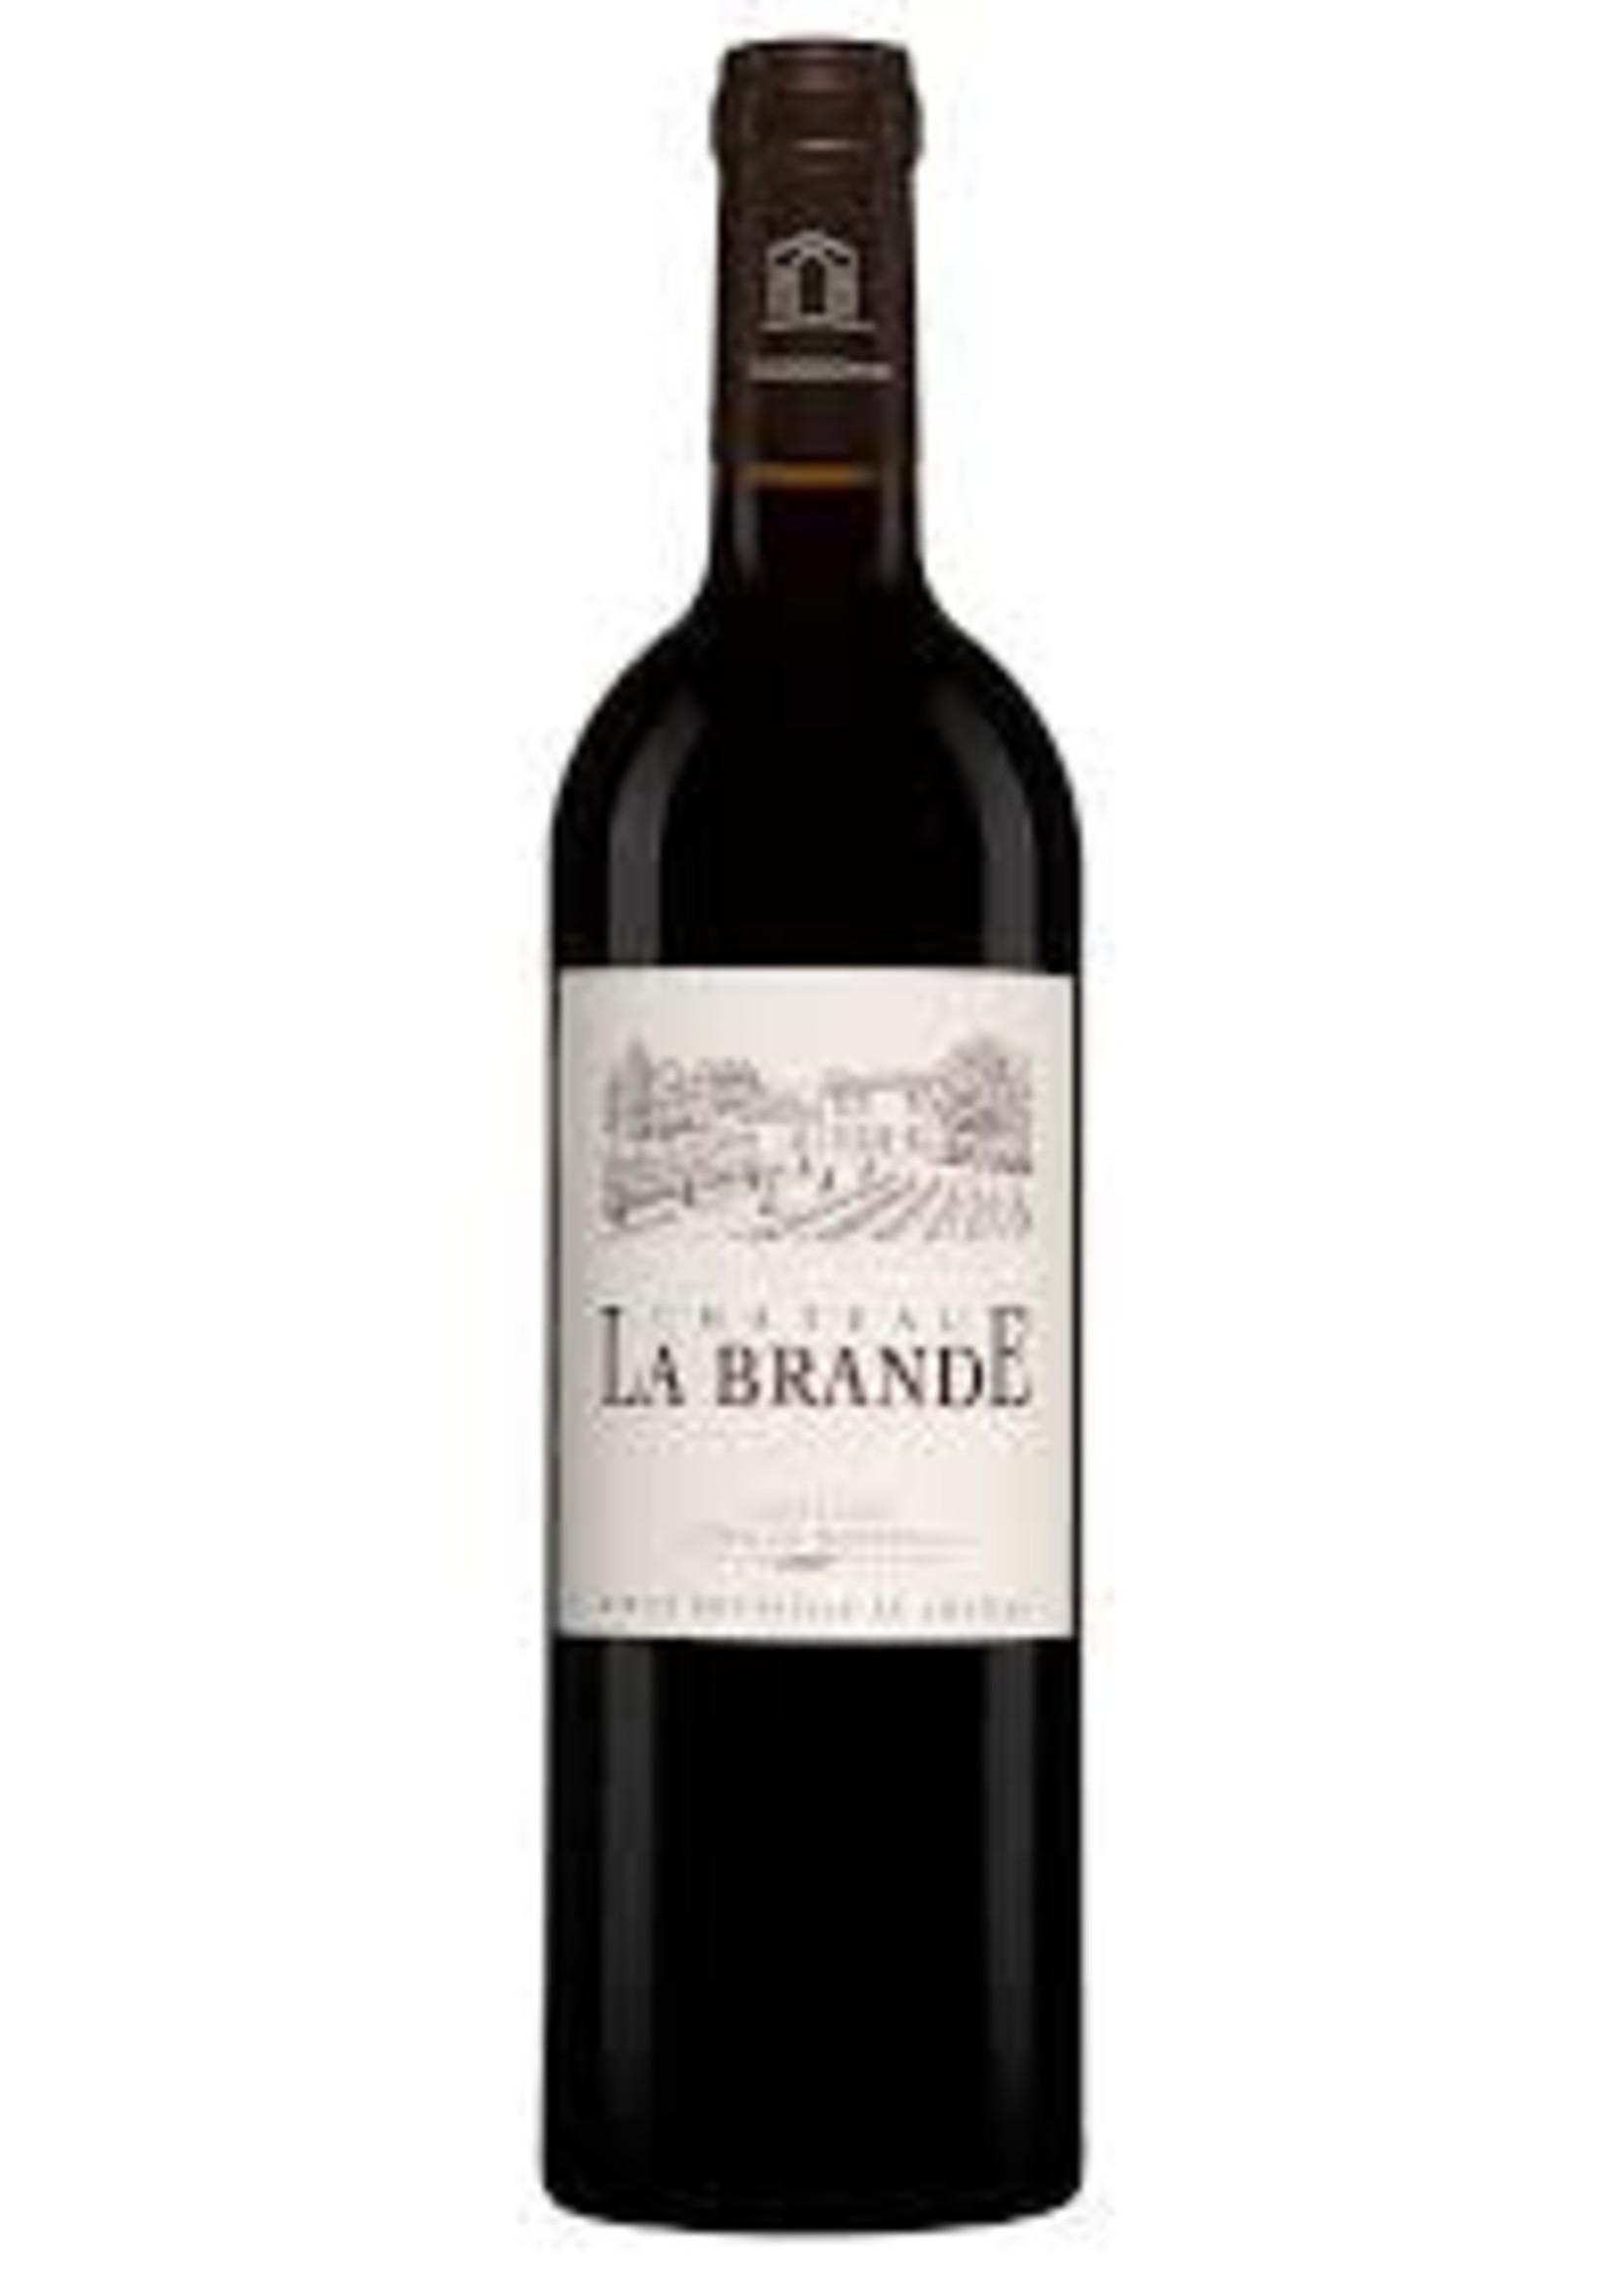 Chateau La Brande 2015 Castillon Cotes de Bordeaux 750ml